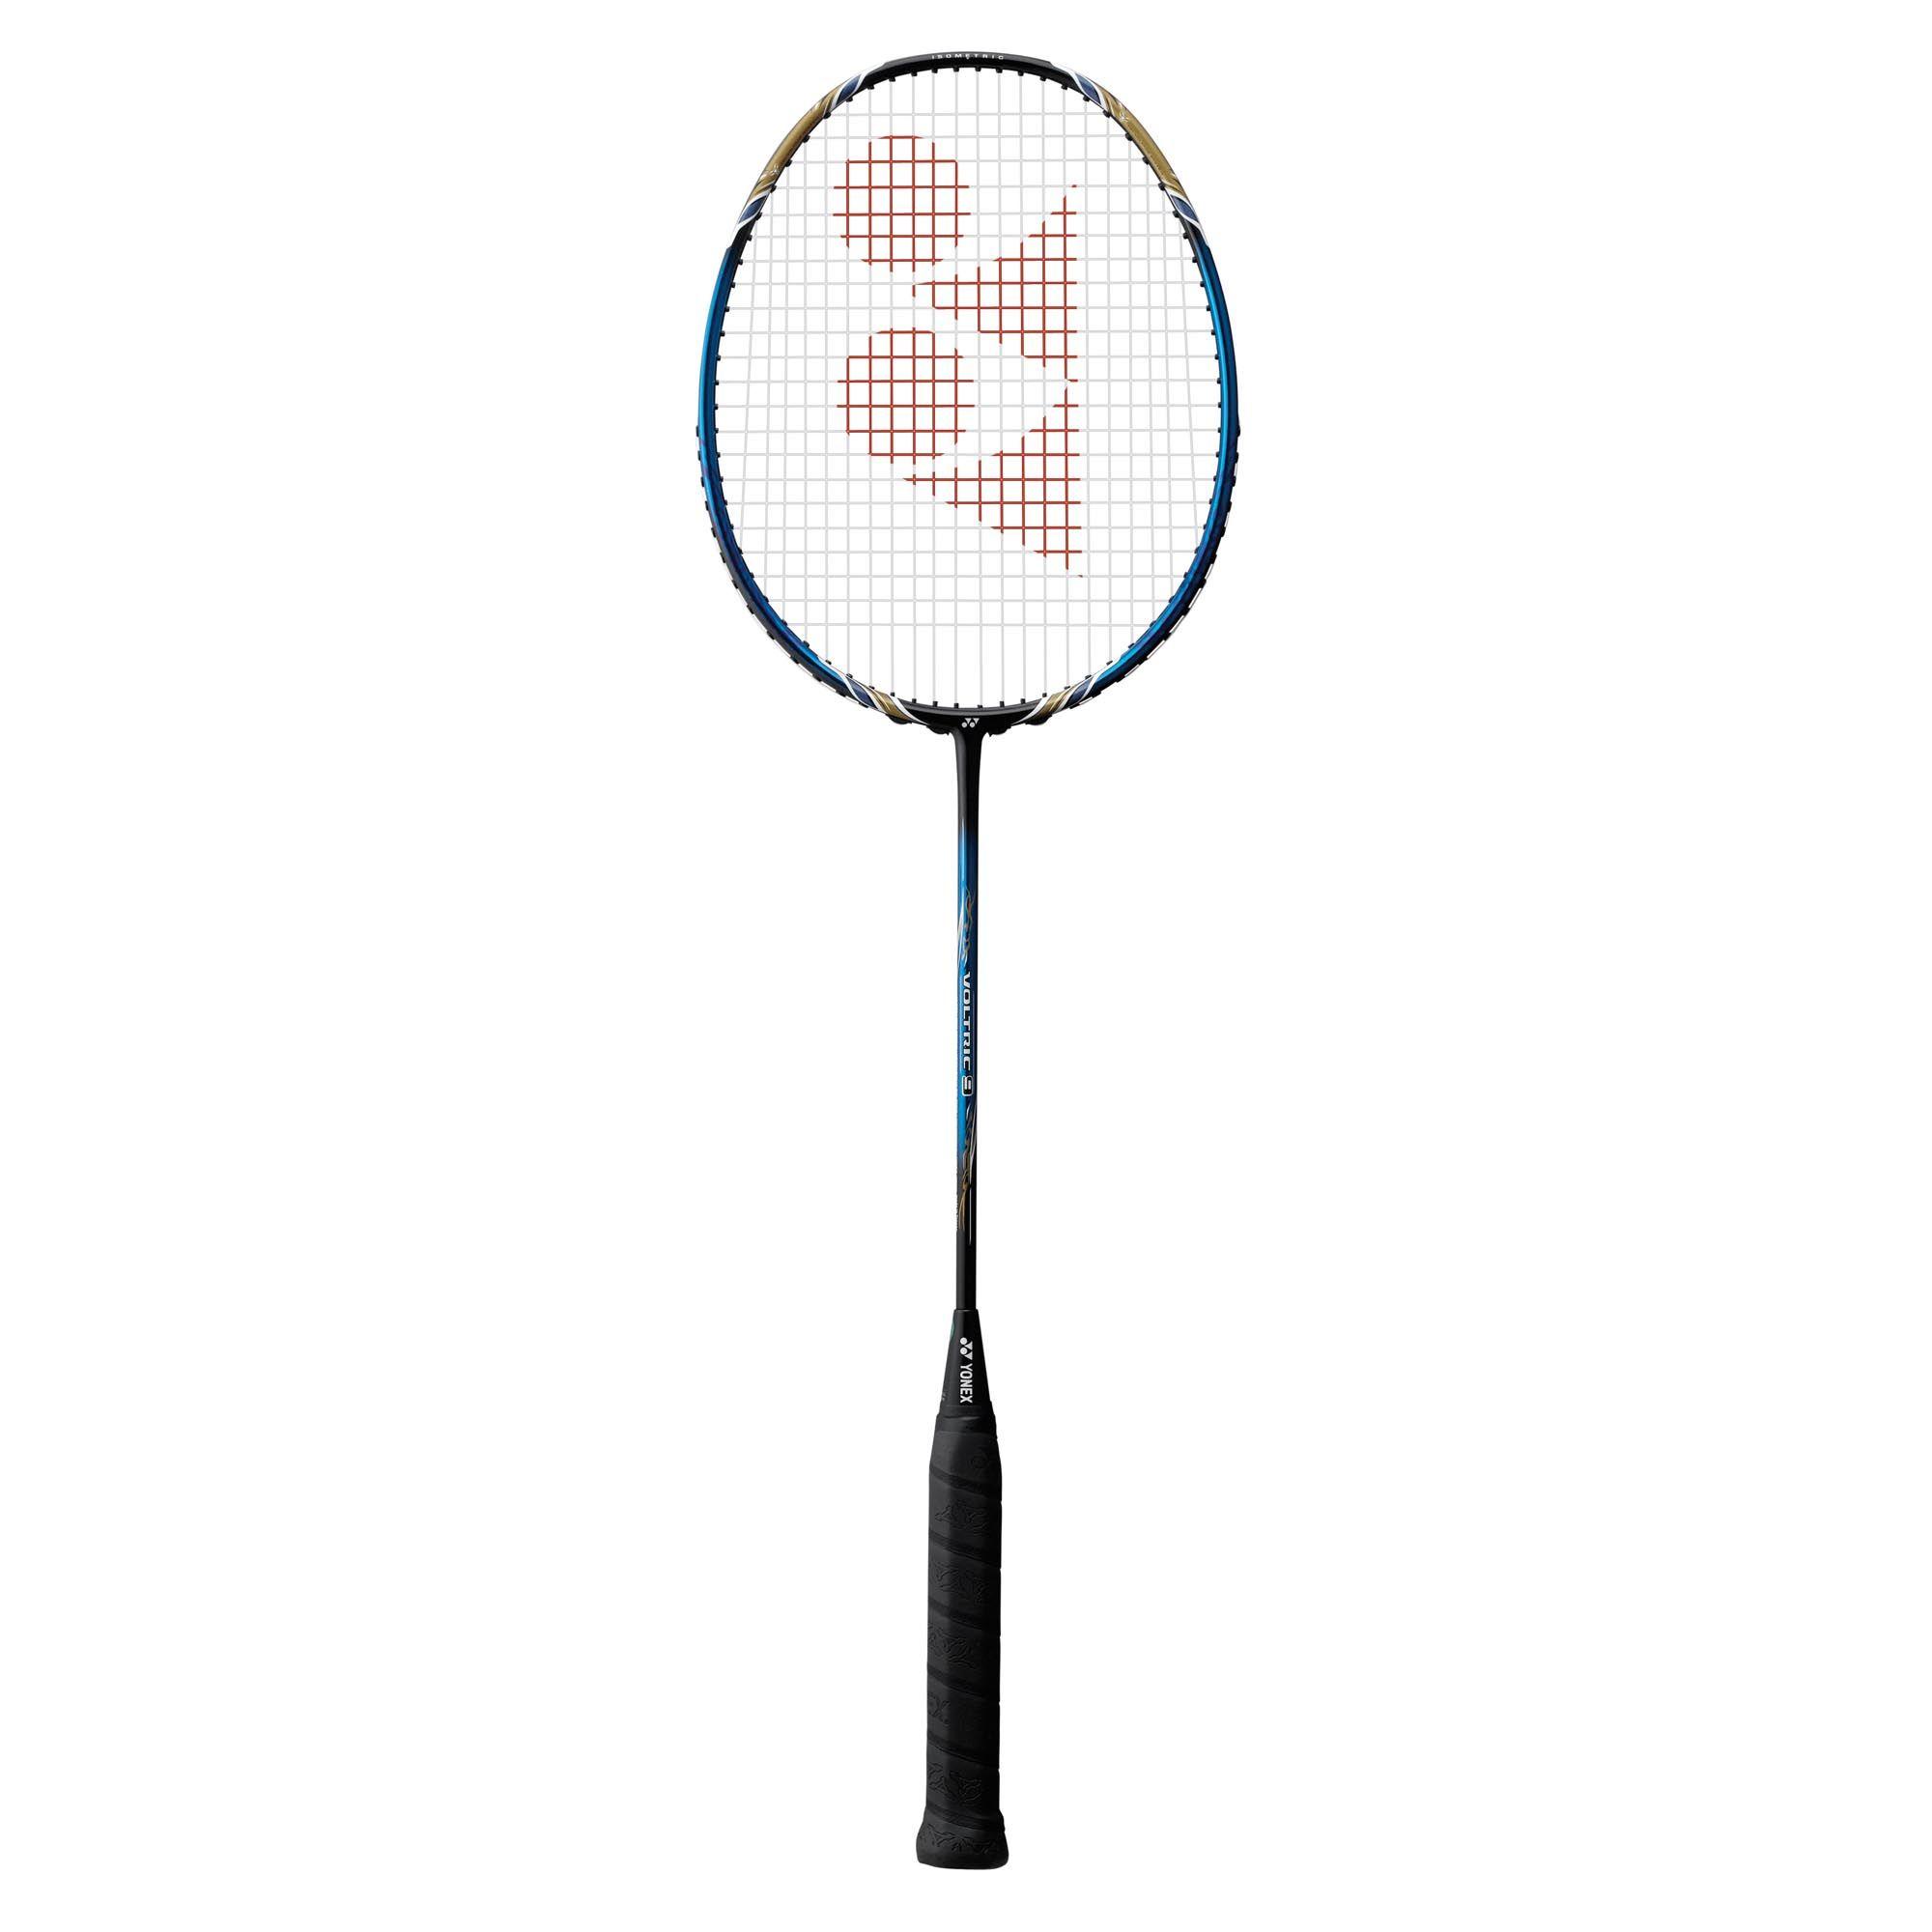 Yonex Voltric 9 Badminton Racket - Sweatband.com